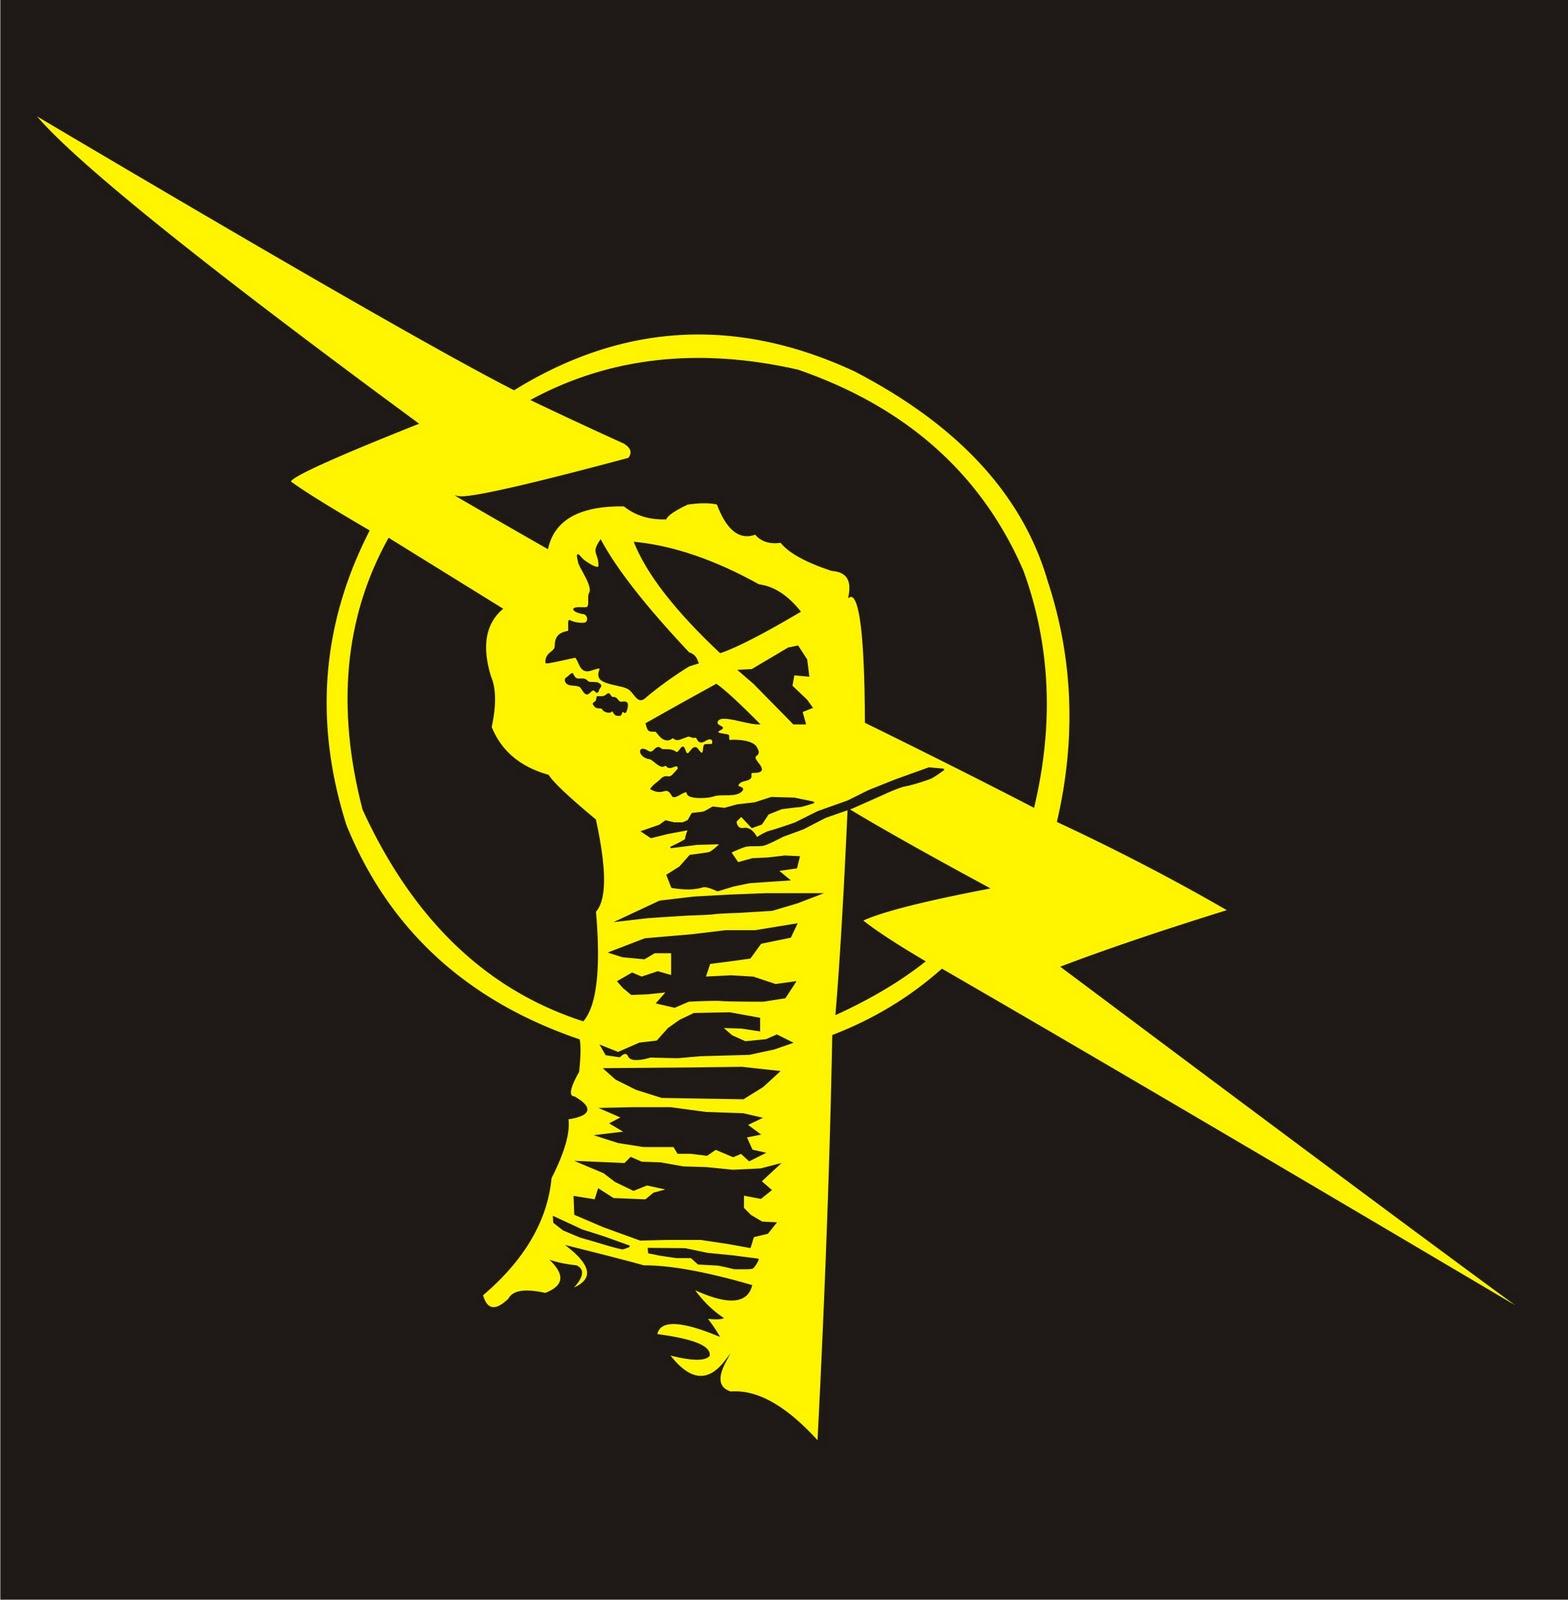 Wwe nexus logo wallpaper wallpapersafari - Cm punk logo images ...